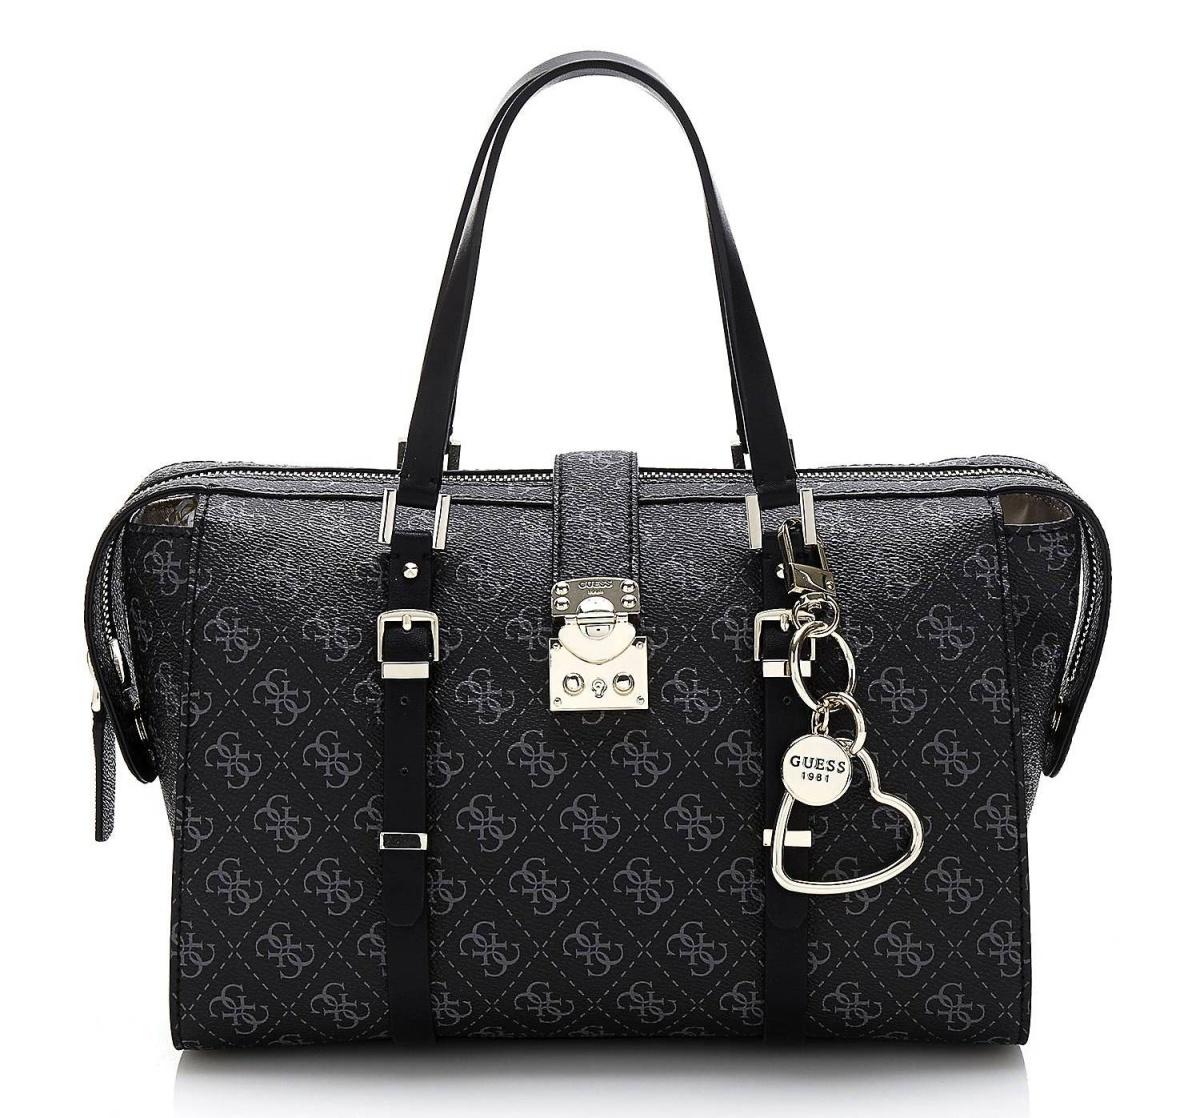 Guess dámská střední černá kabelka se vzorem - Mode.cz fdc0cc2c2a